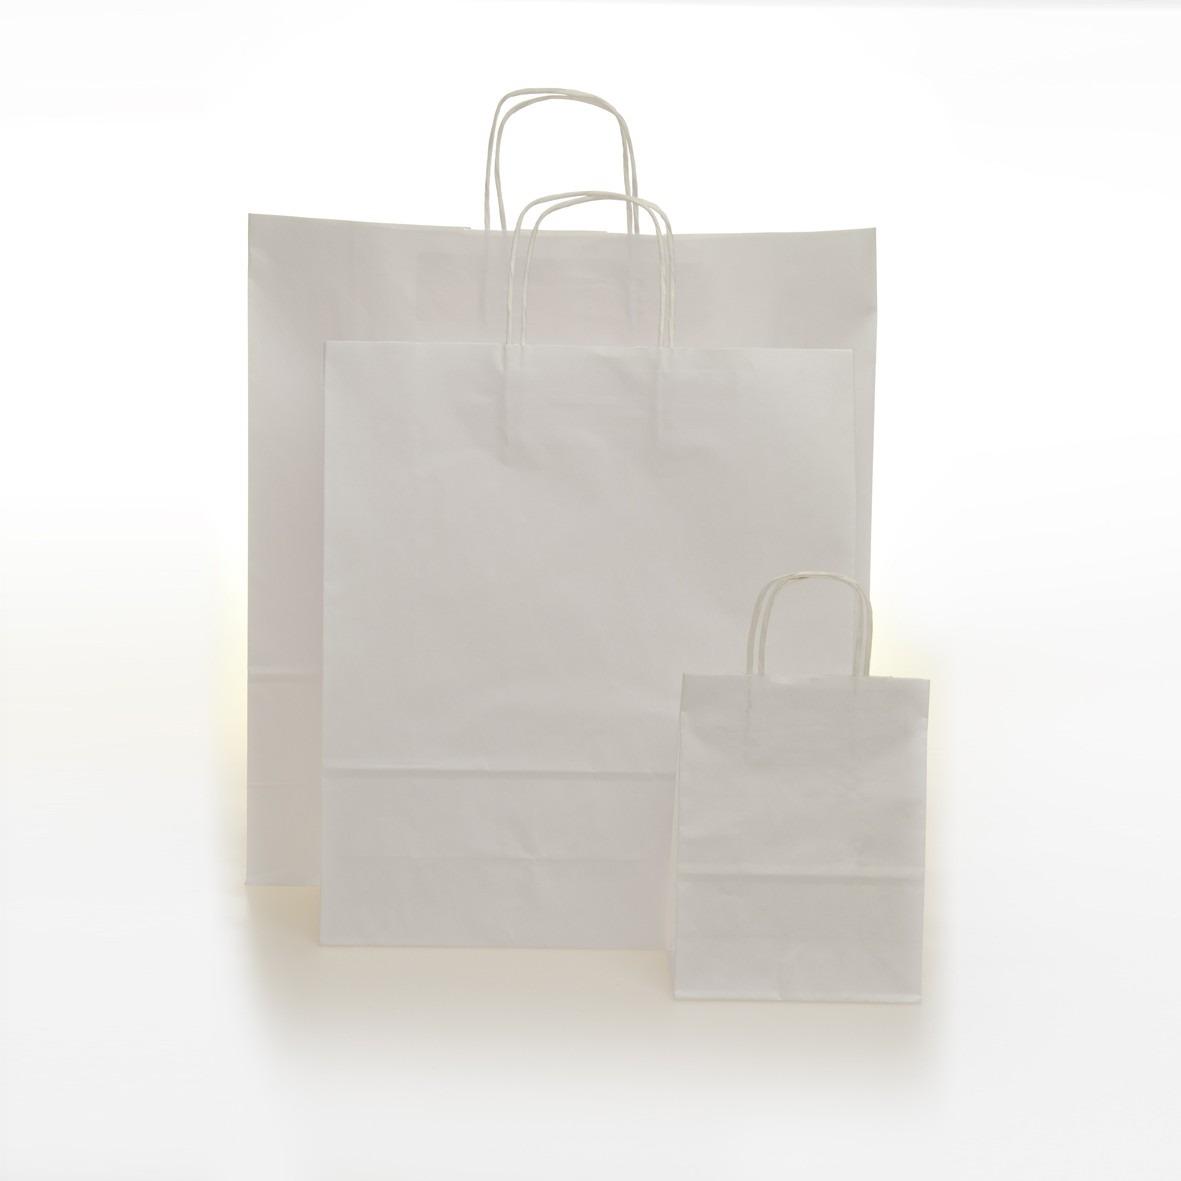 25 Shopper Sealing Bianco Maniglia Cordino